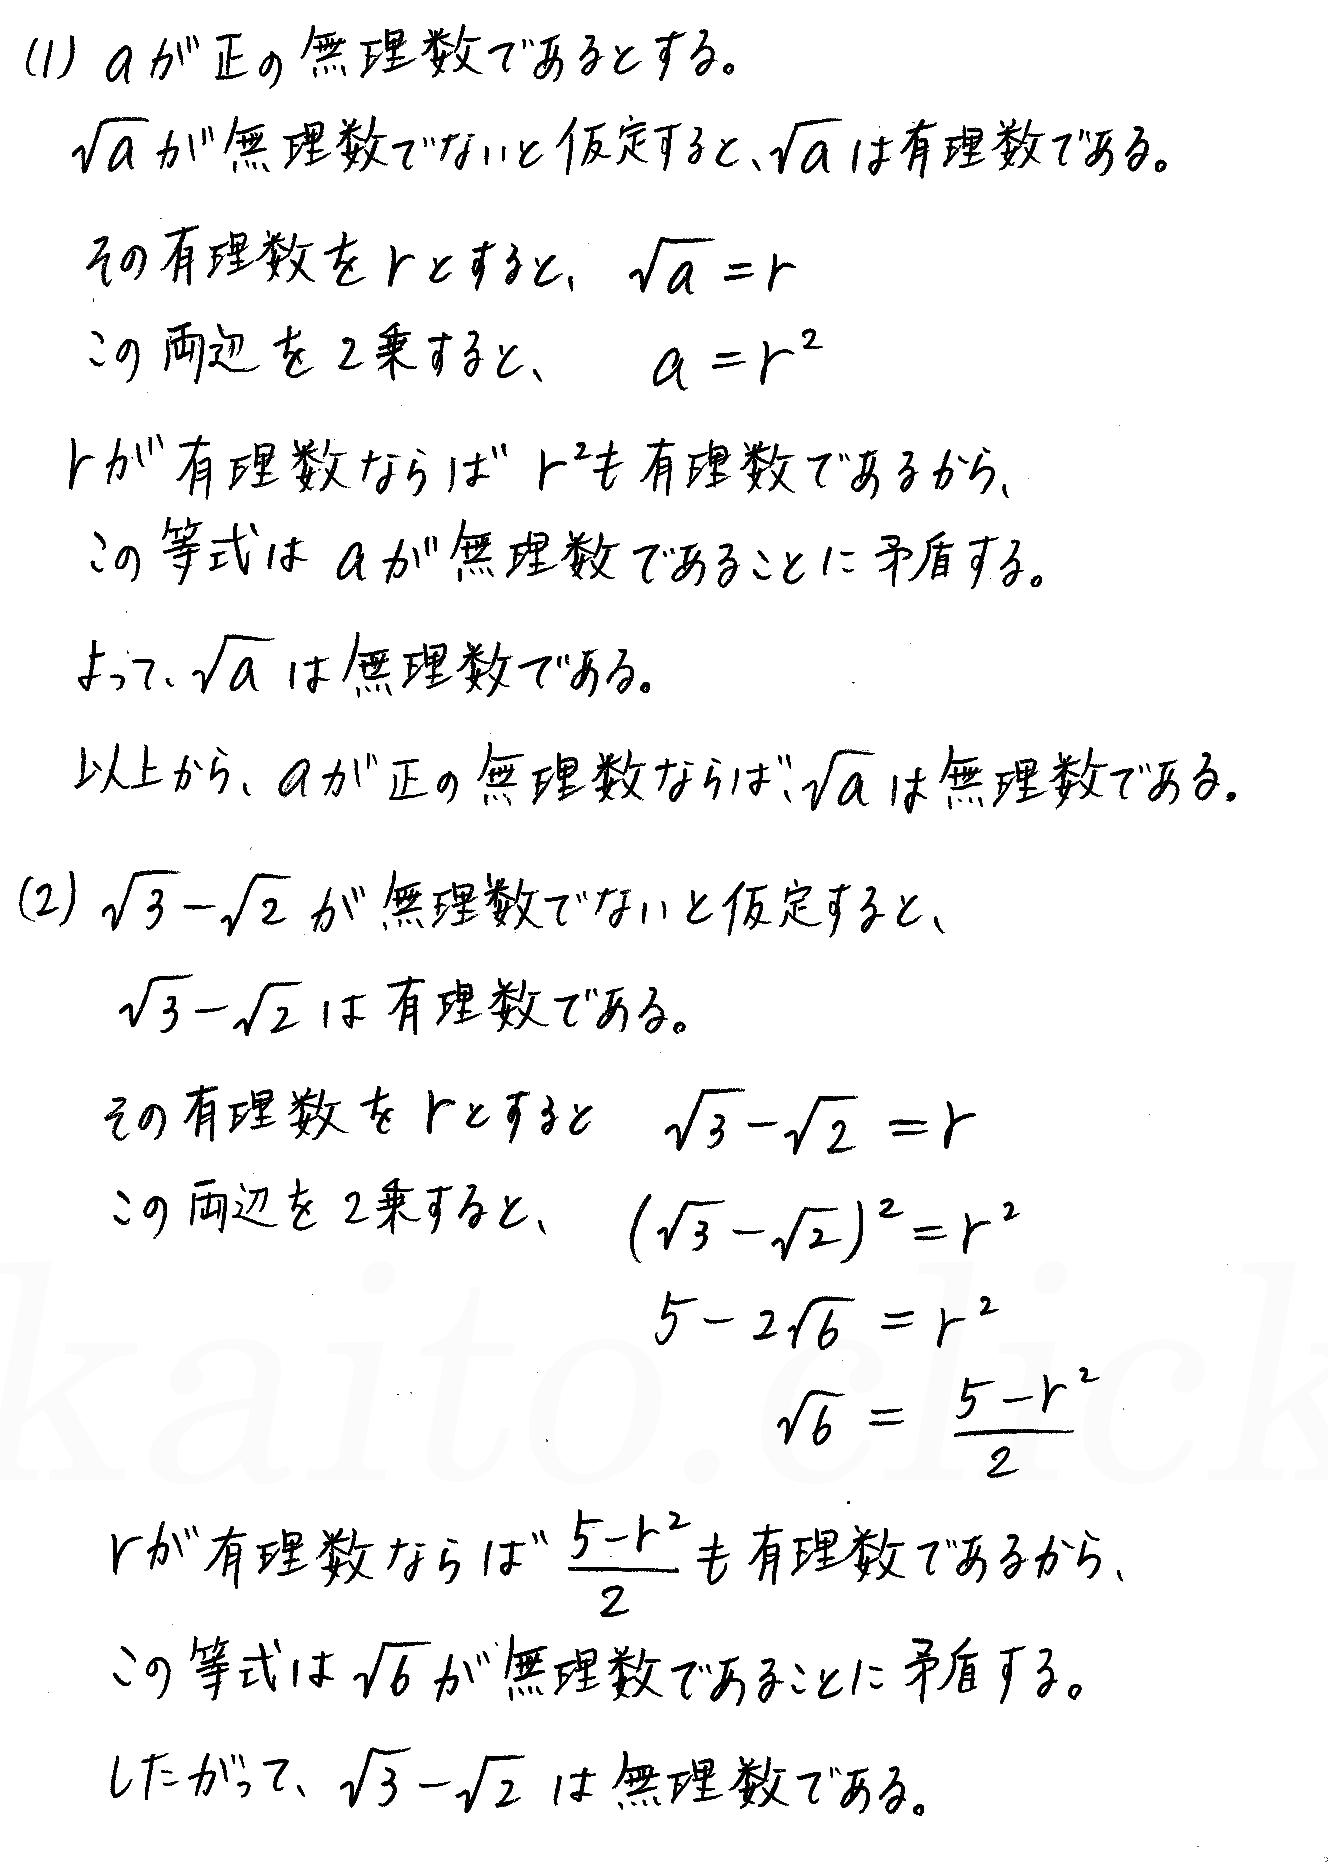 クリアー数学1-133解答